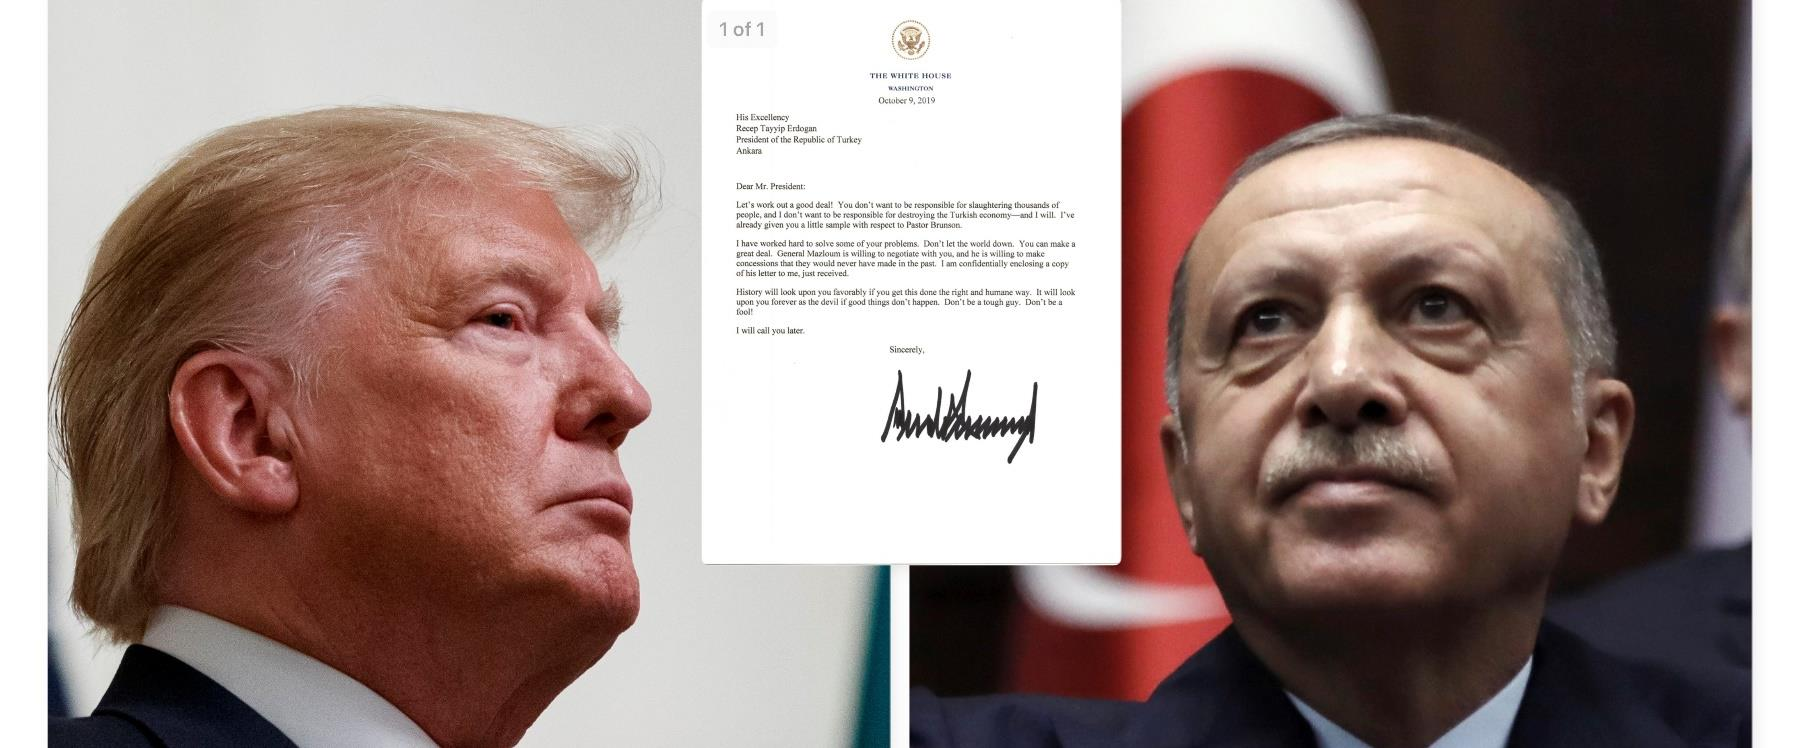 טראמפ, ארדואן והמכתב